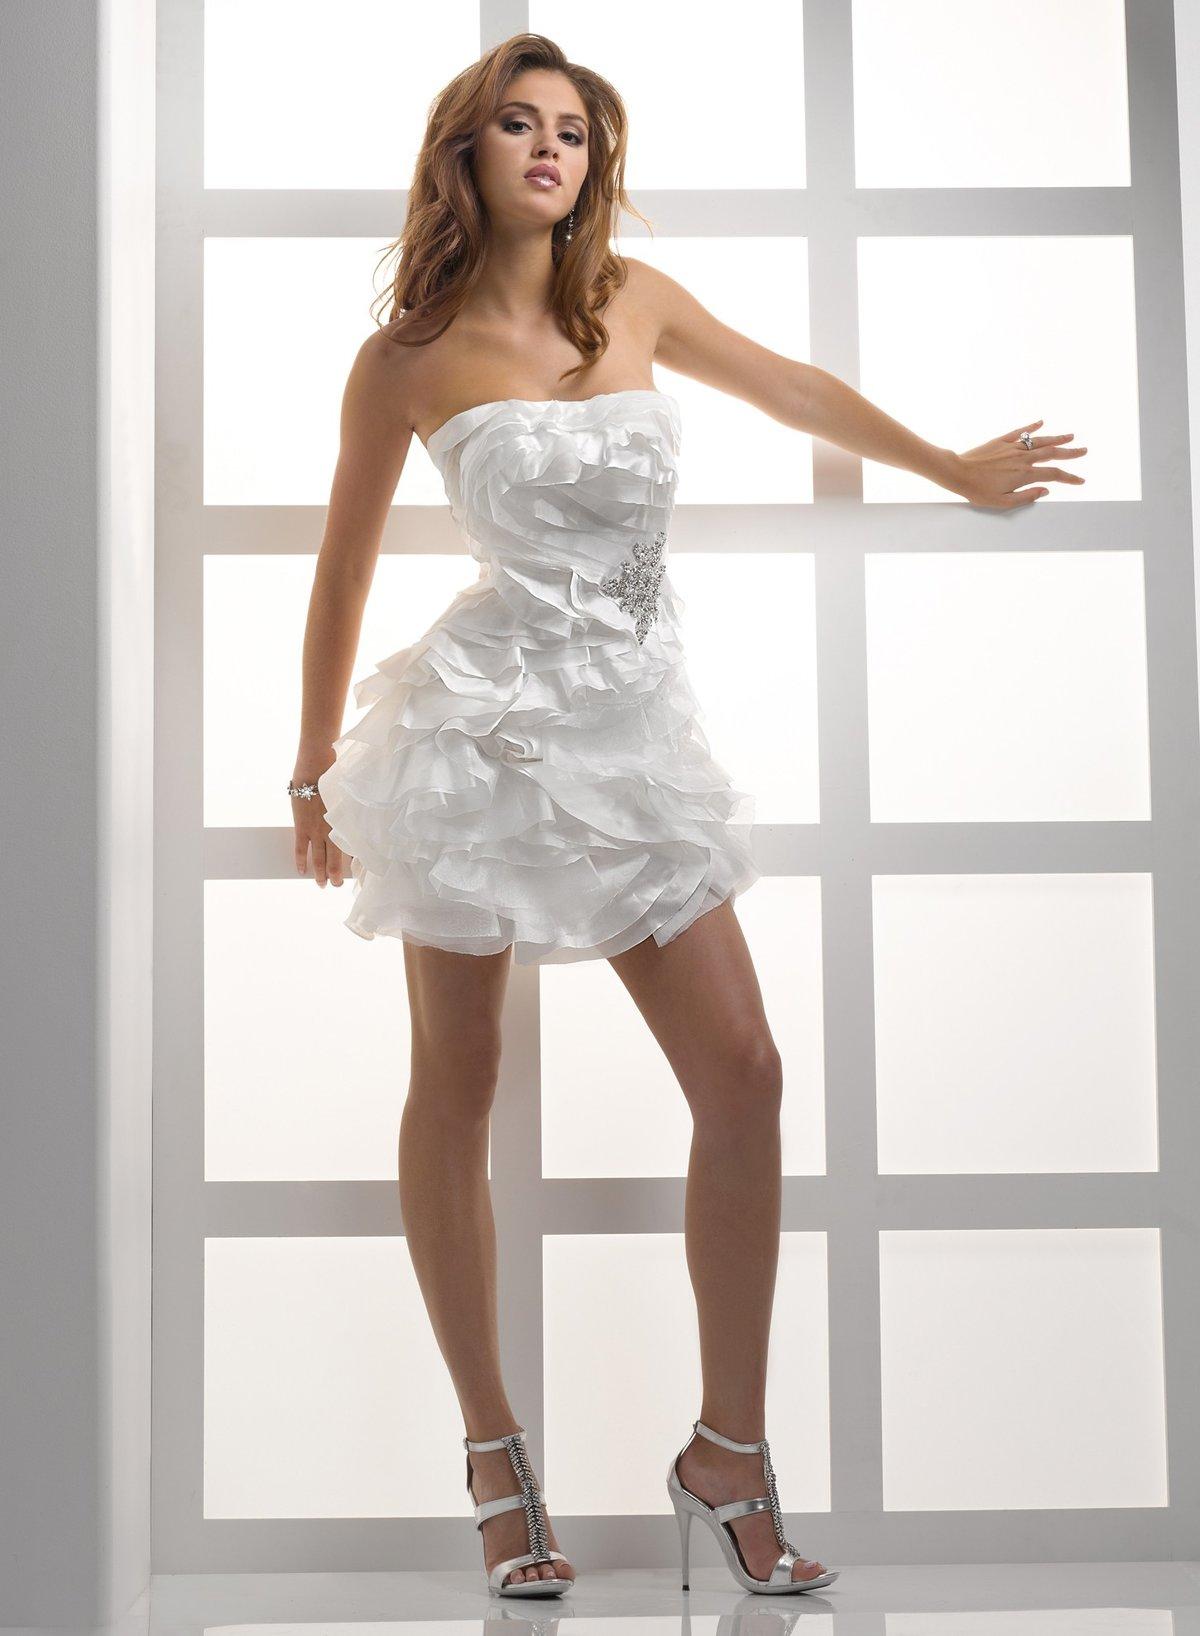 образом, моменту фото невест в коротком платье новой